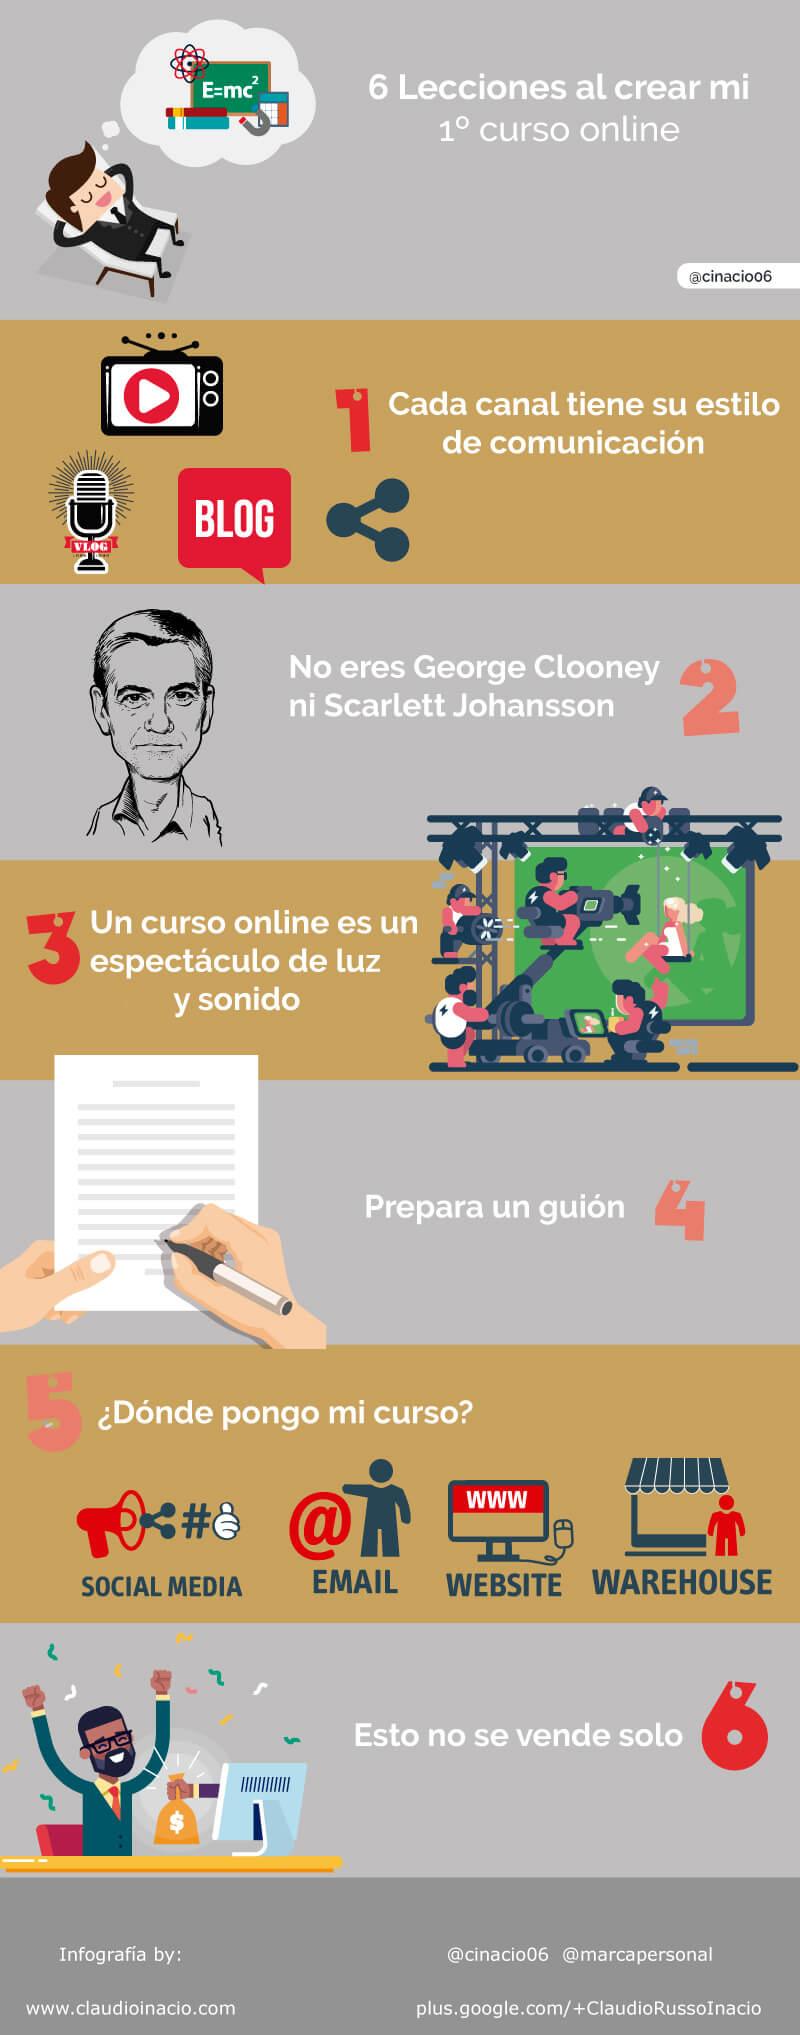 infografia con 6 lecciones al crear un curso en linea